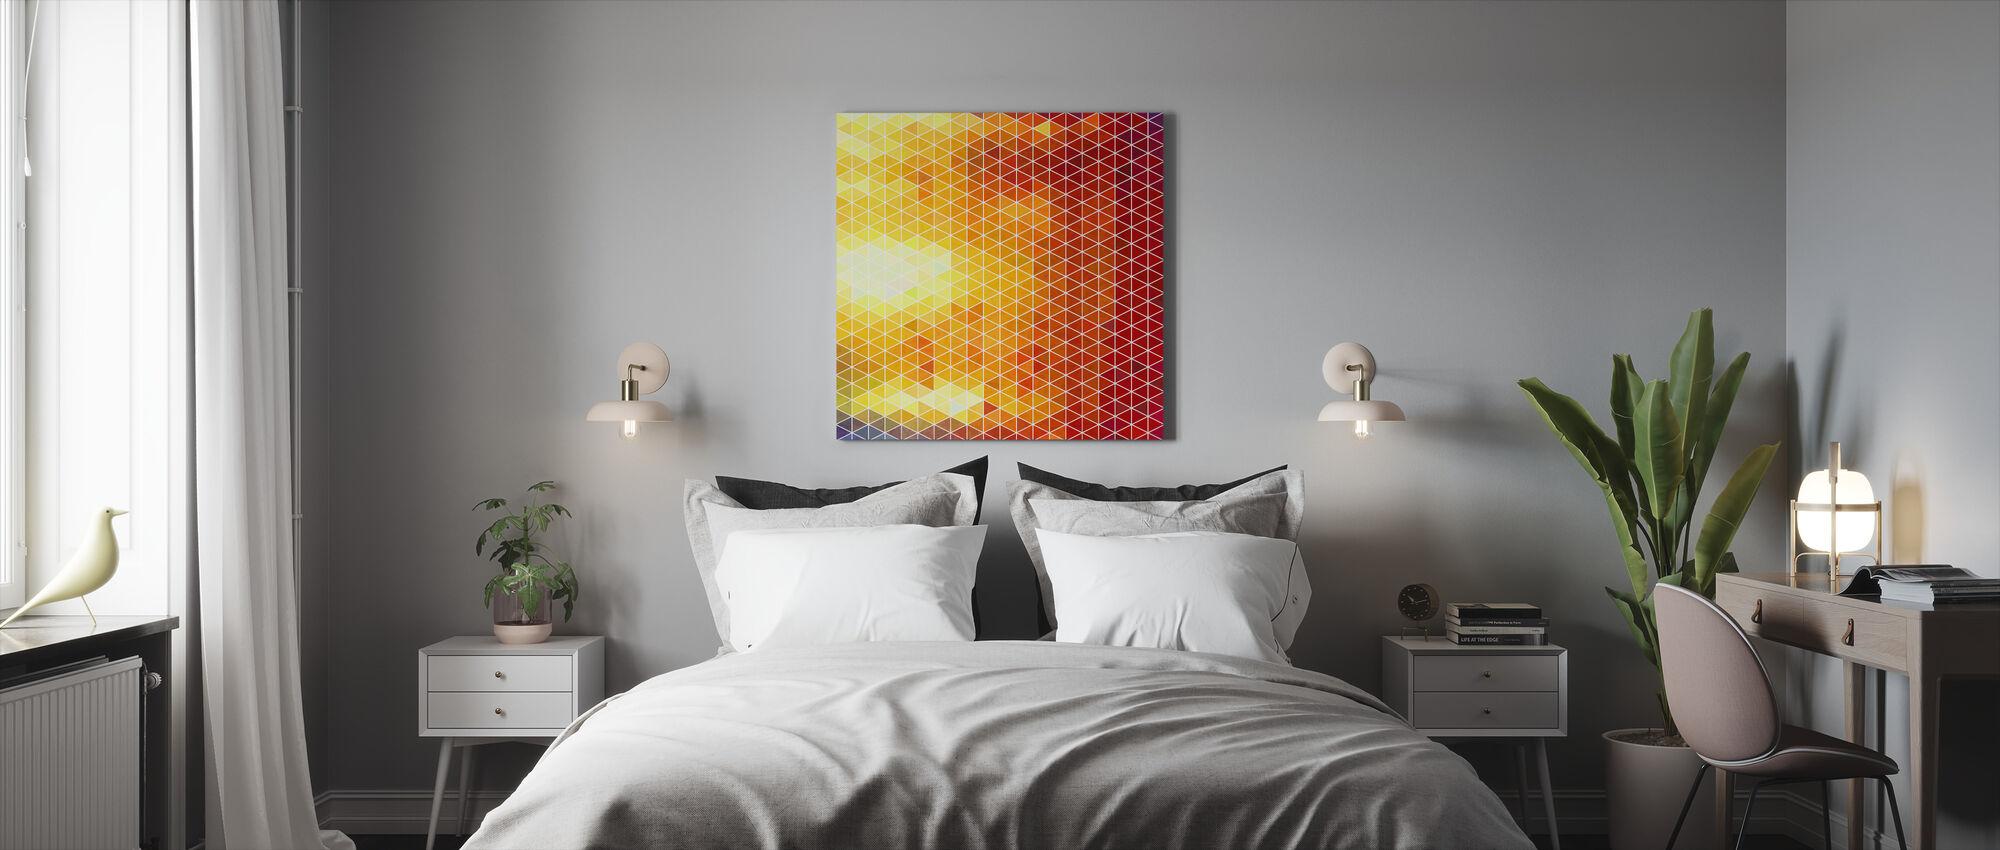 No Gradients - Canvas print - Bedroom